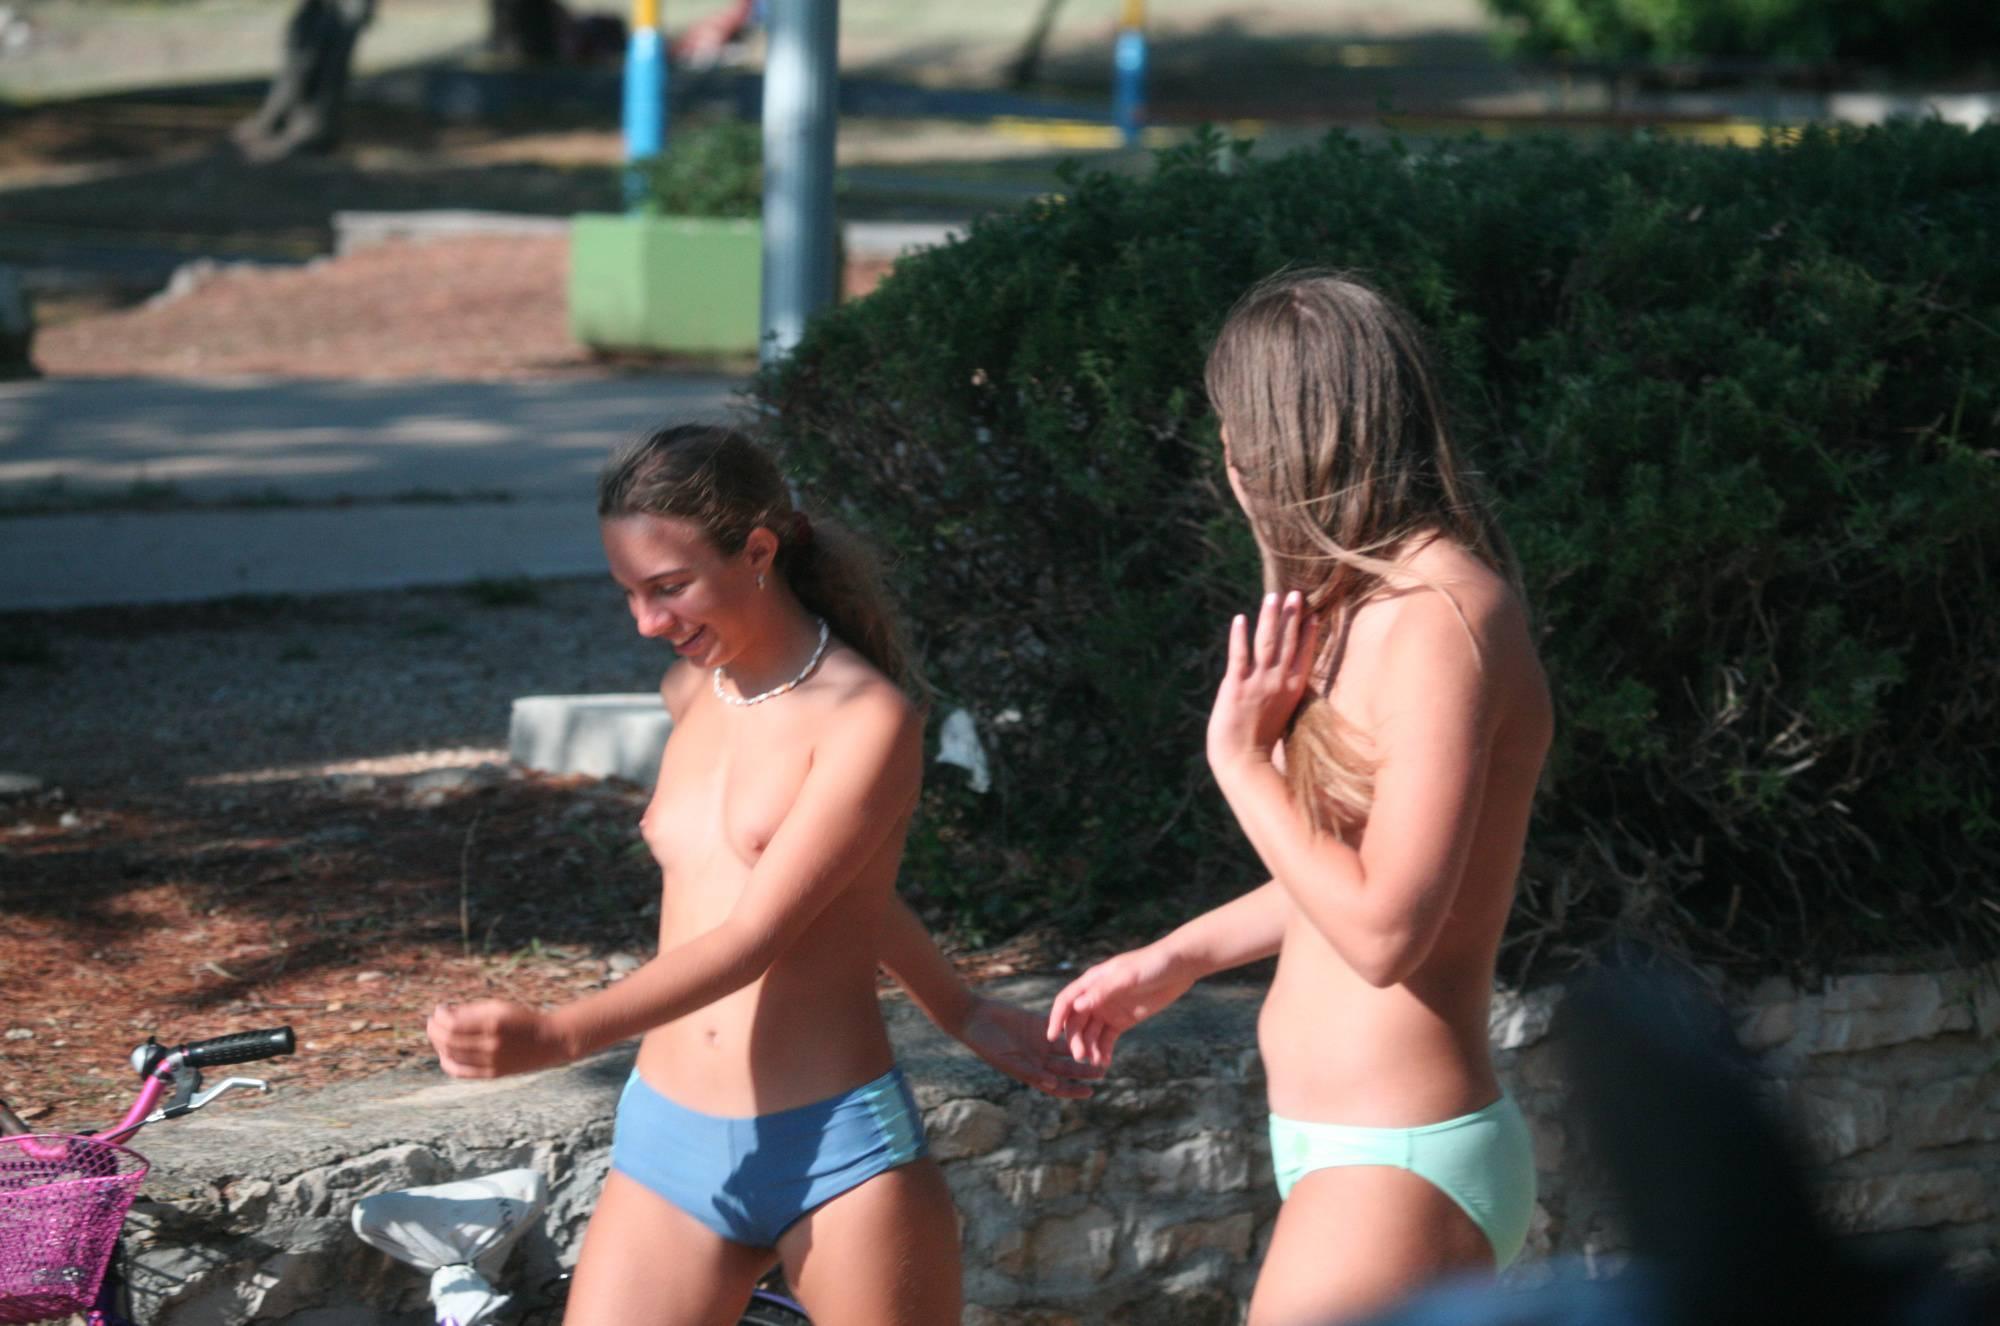 Pier FKK Camp Girlfriends - 1